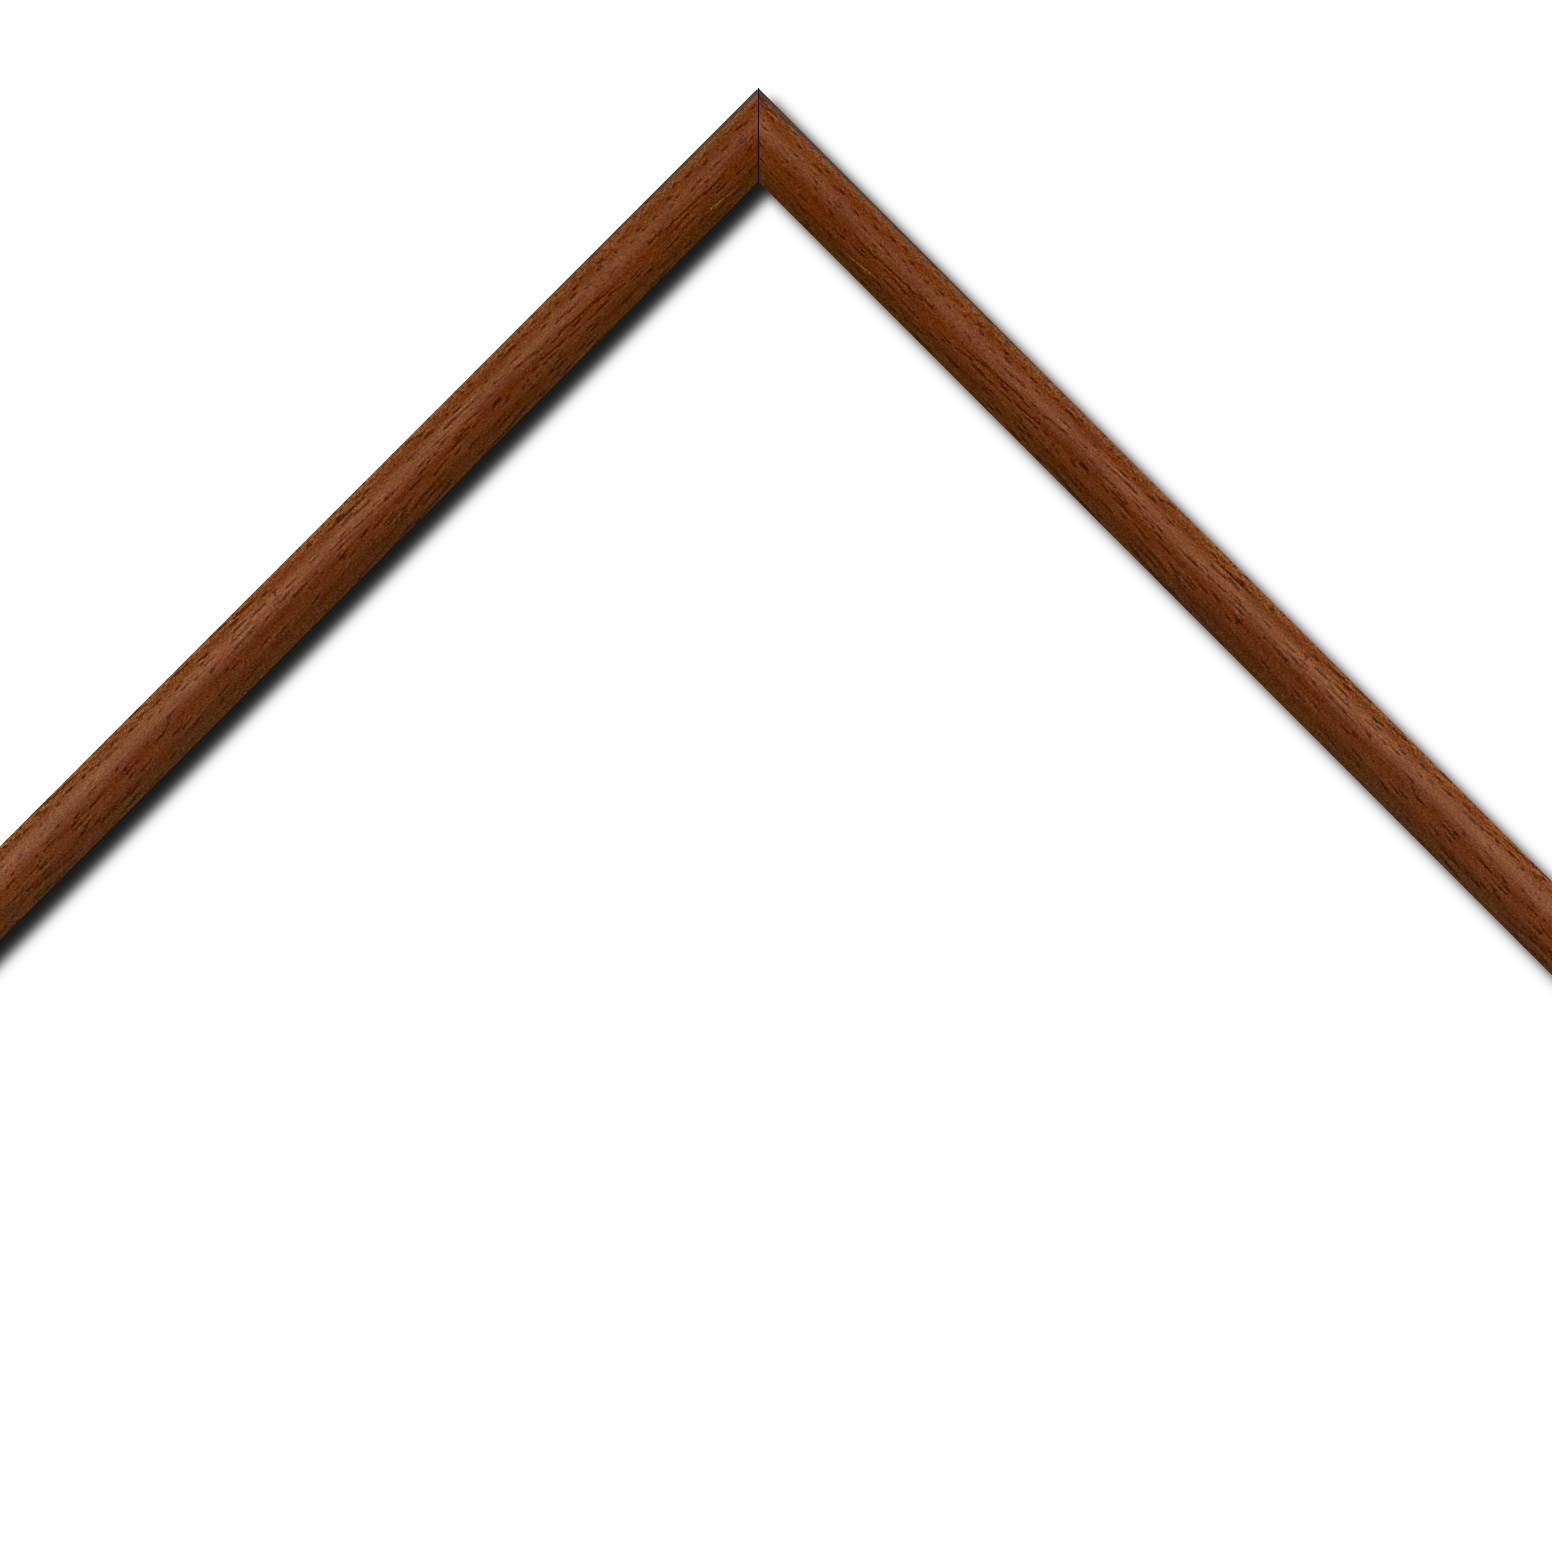 Baguette bois profil demi rond largeur 1.5cm couleur marron ton bois extérieur ébène